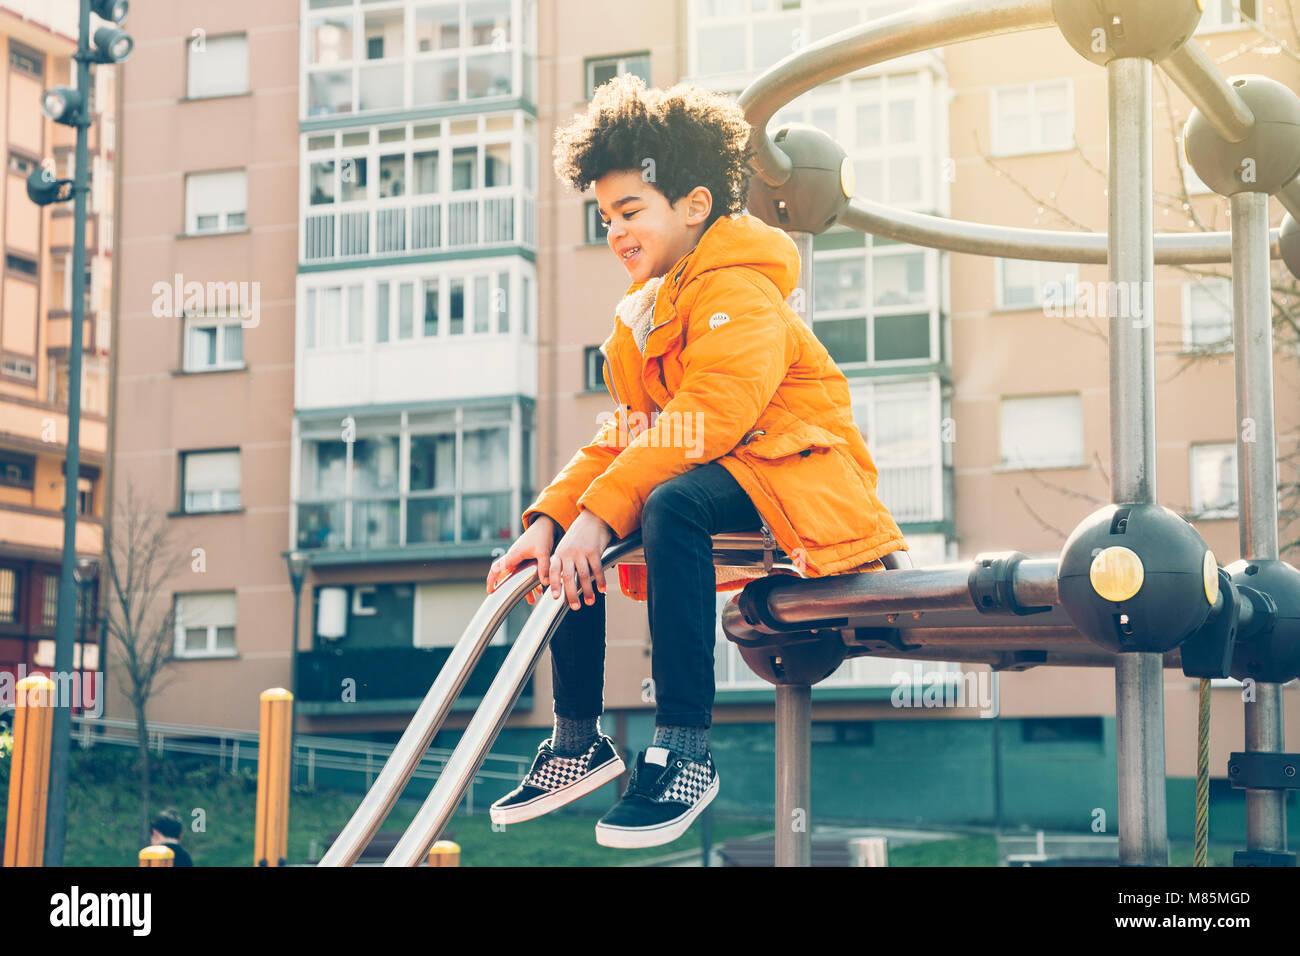 Glückliches Kind in orange Mantel Klettern auf dem Spielplatz an einem sonnigen Tag Stockfoto